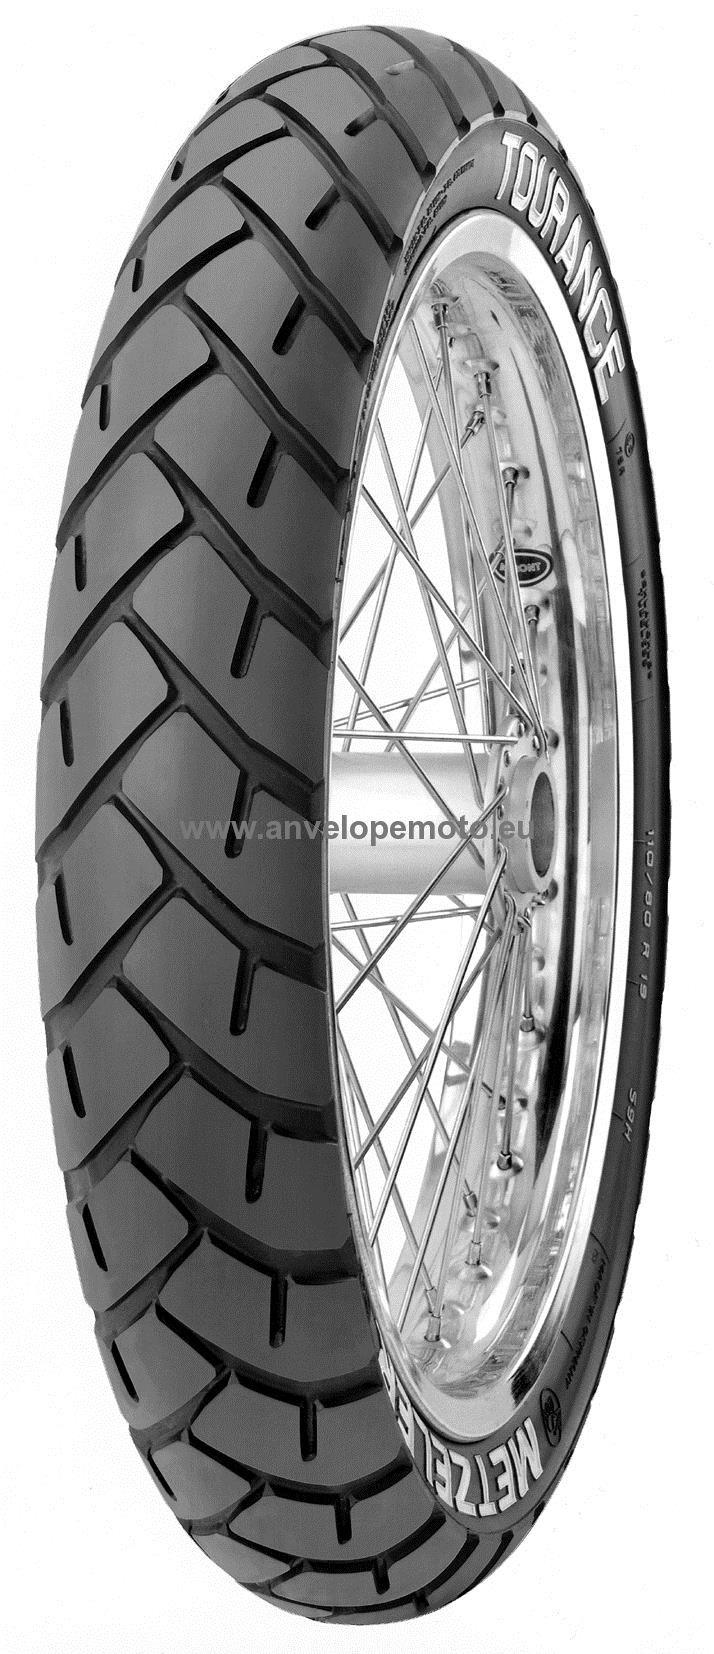 PROMO - Pirelli Mandrake MT 15  80/80 - 16 M/C 45J TL RF Front - DOT 3414